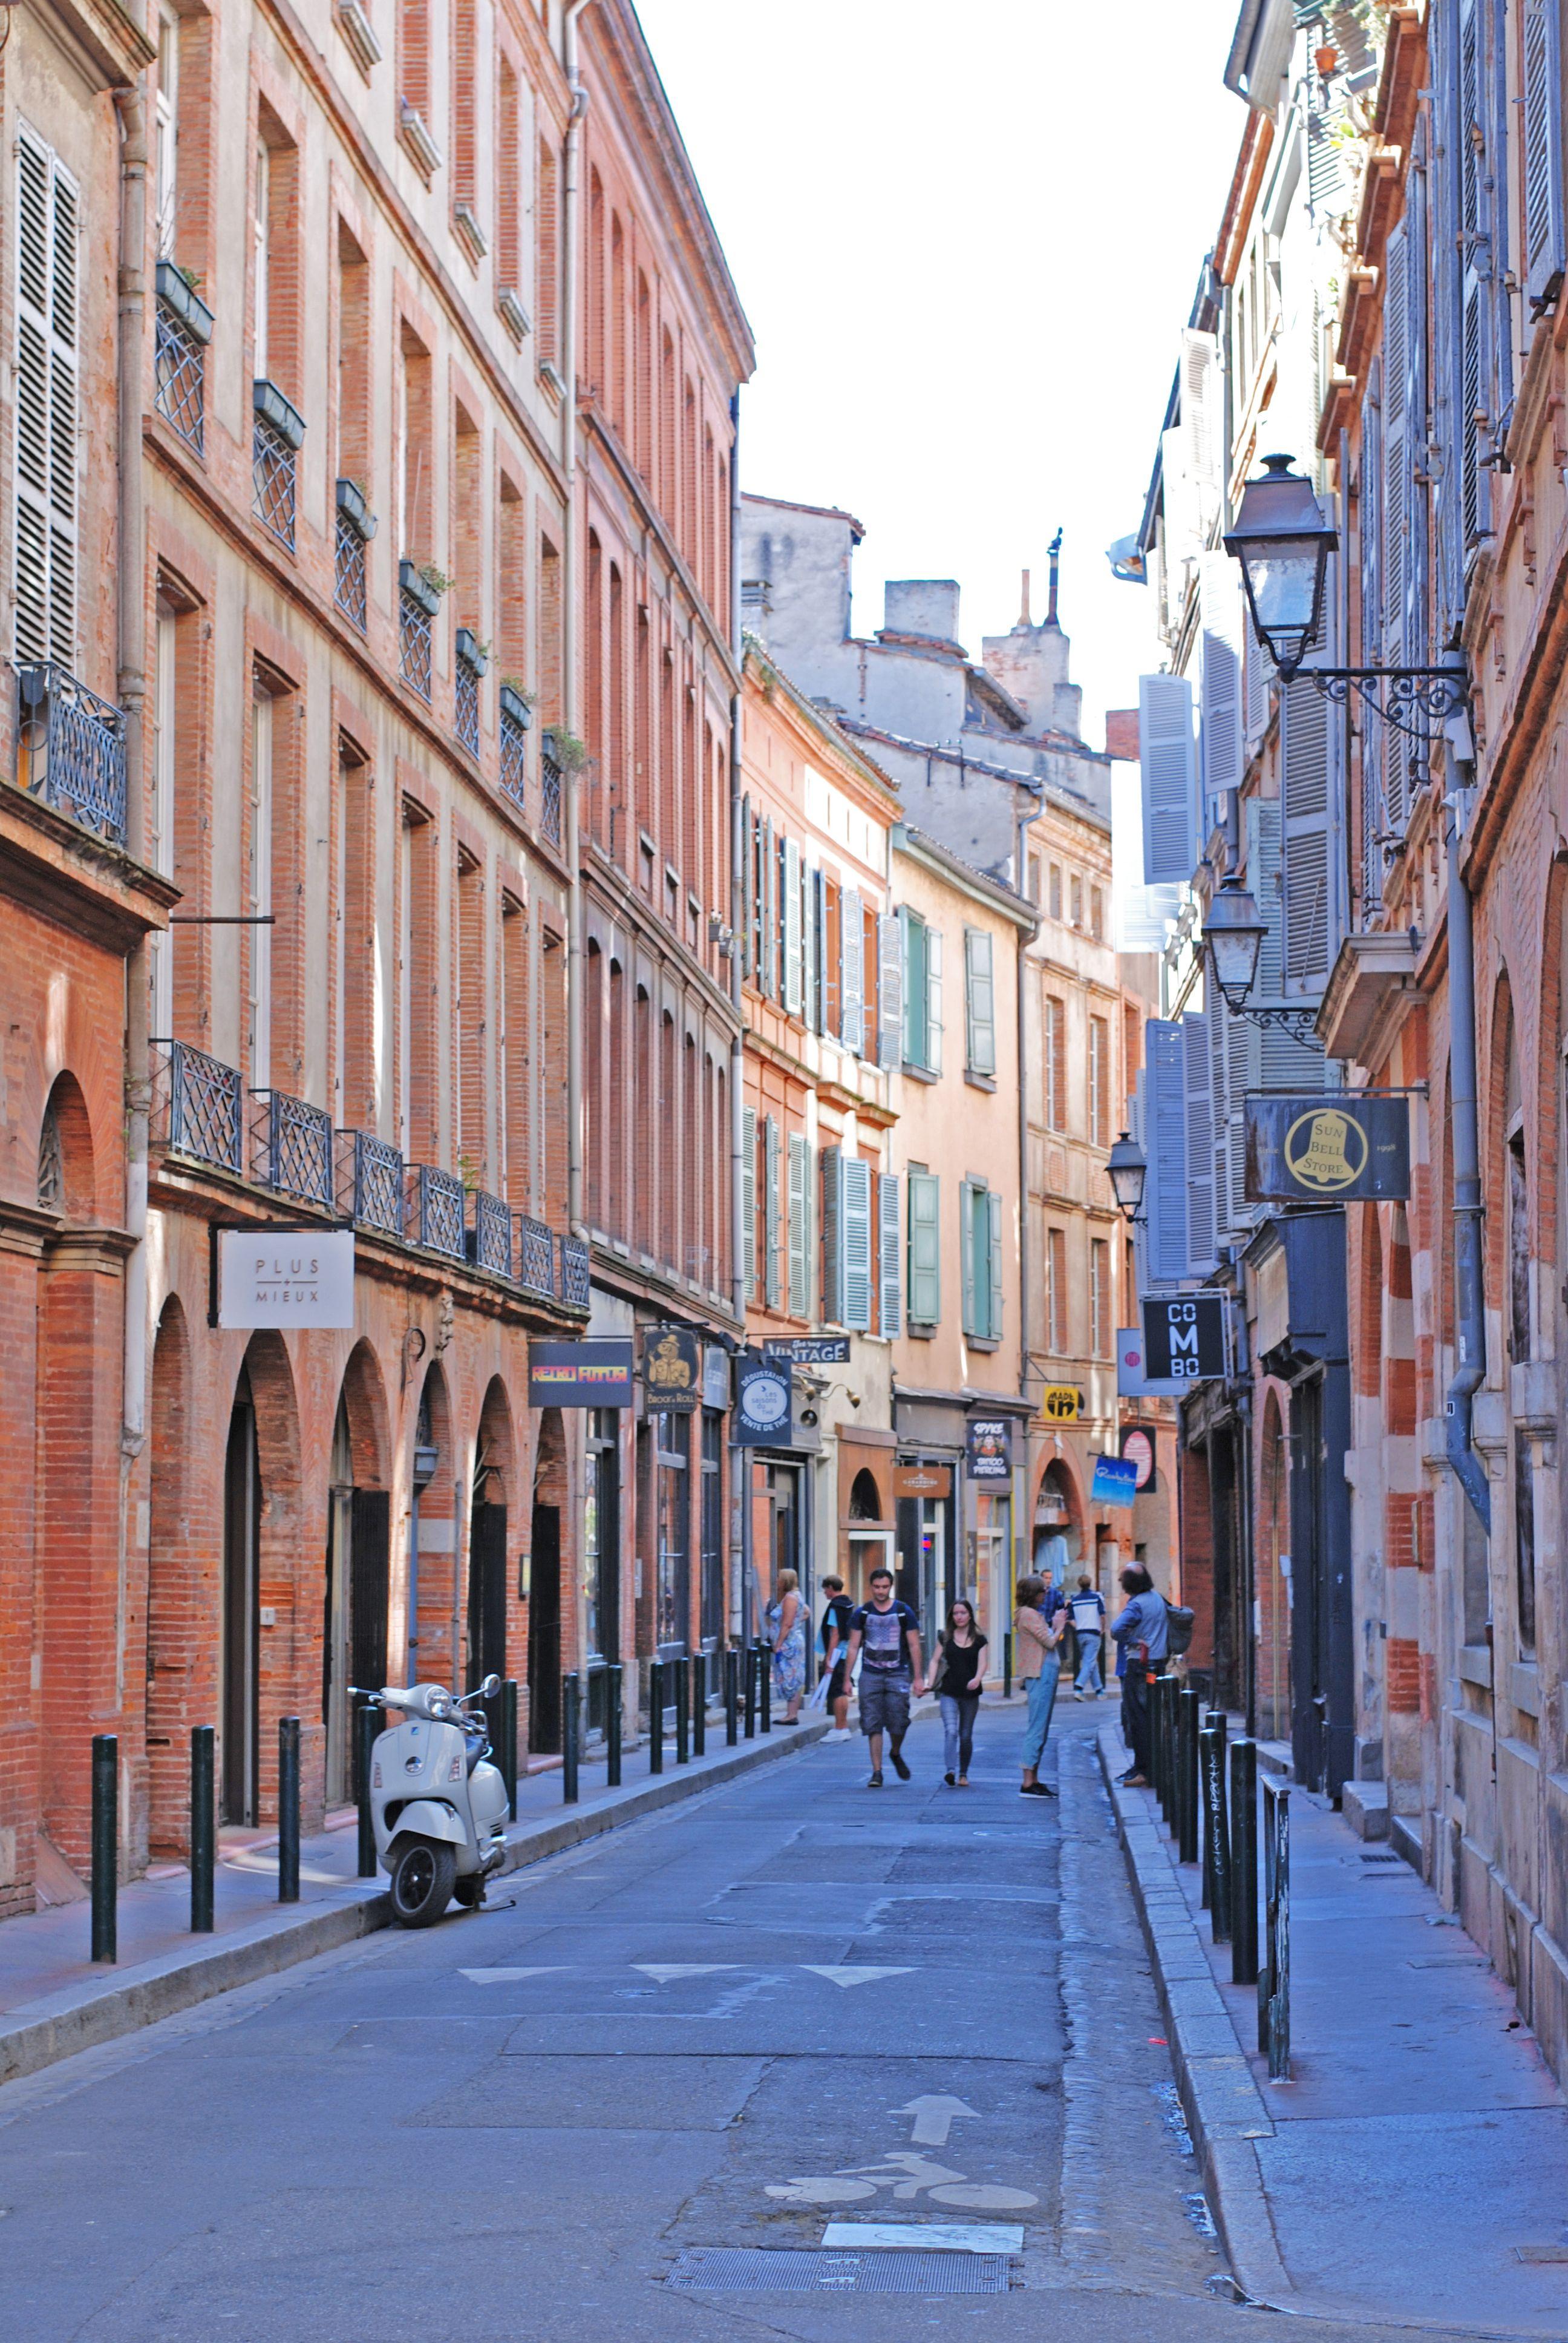 Rue toulousaine toulouse france c sabatier office de tourisme de toulouse visiteztoulouse - Office de tourisme de toulouse ...